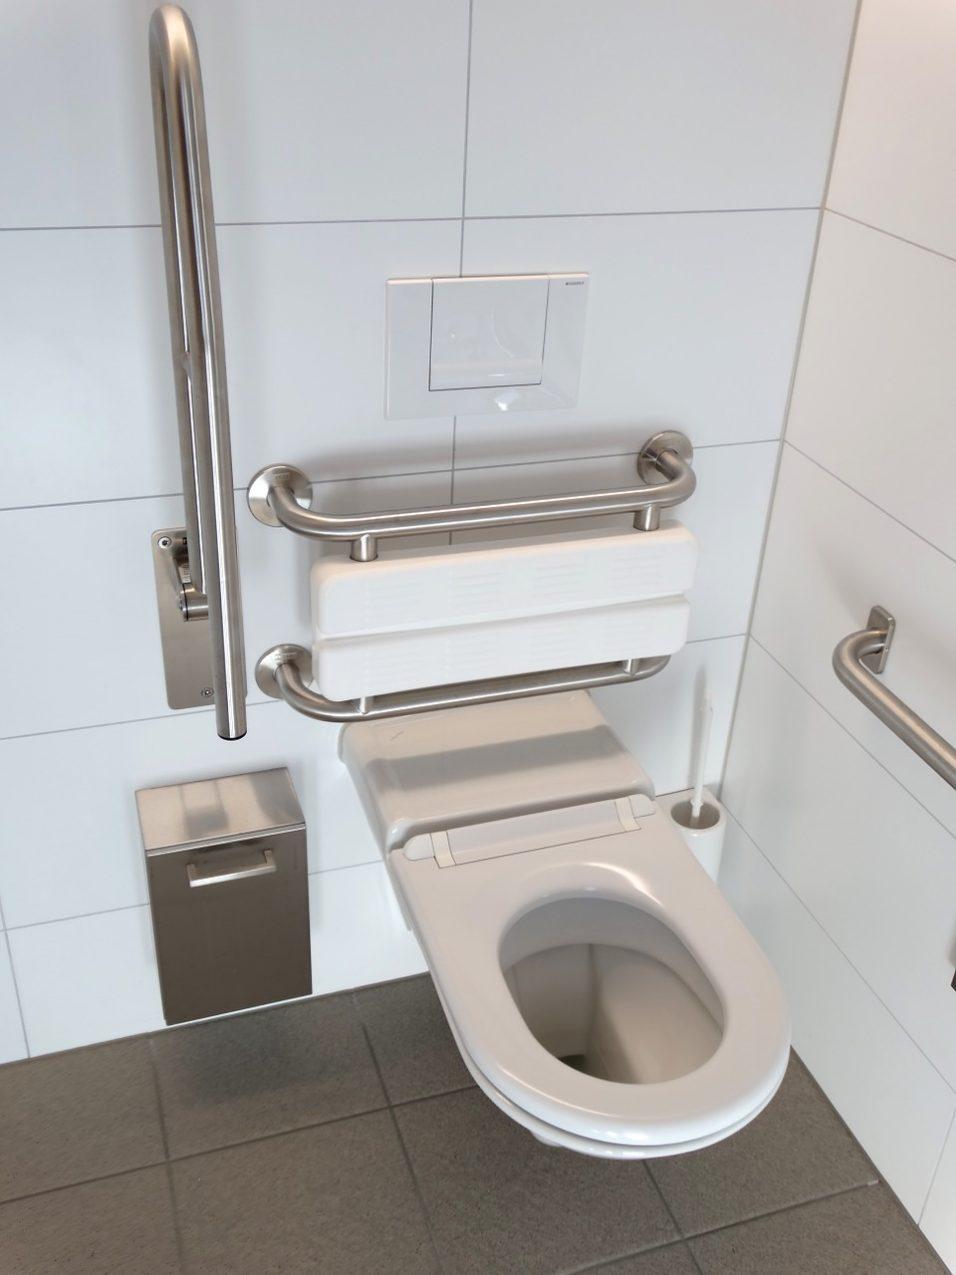 Modernes Wc le wc moderne et ses innovations avantageuses 321 maison